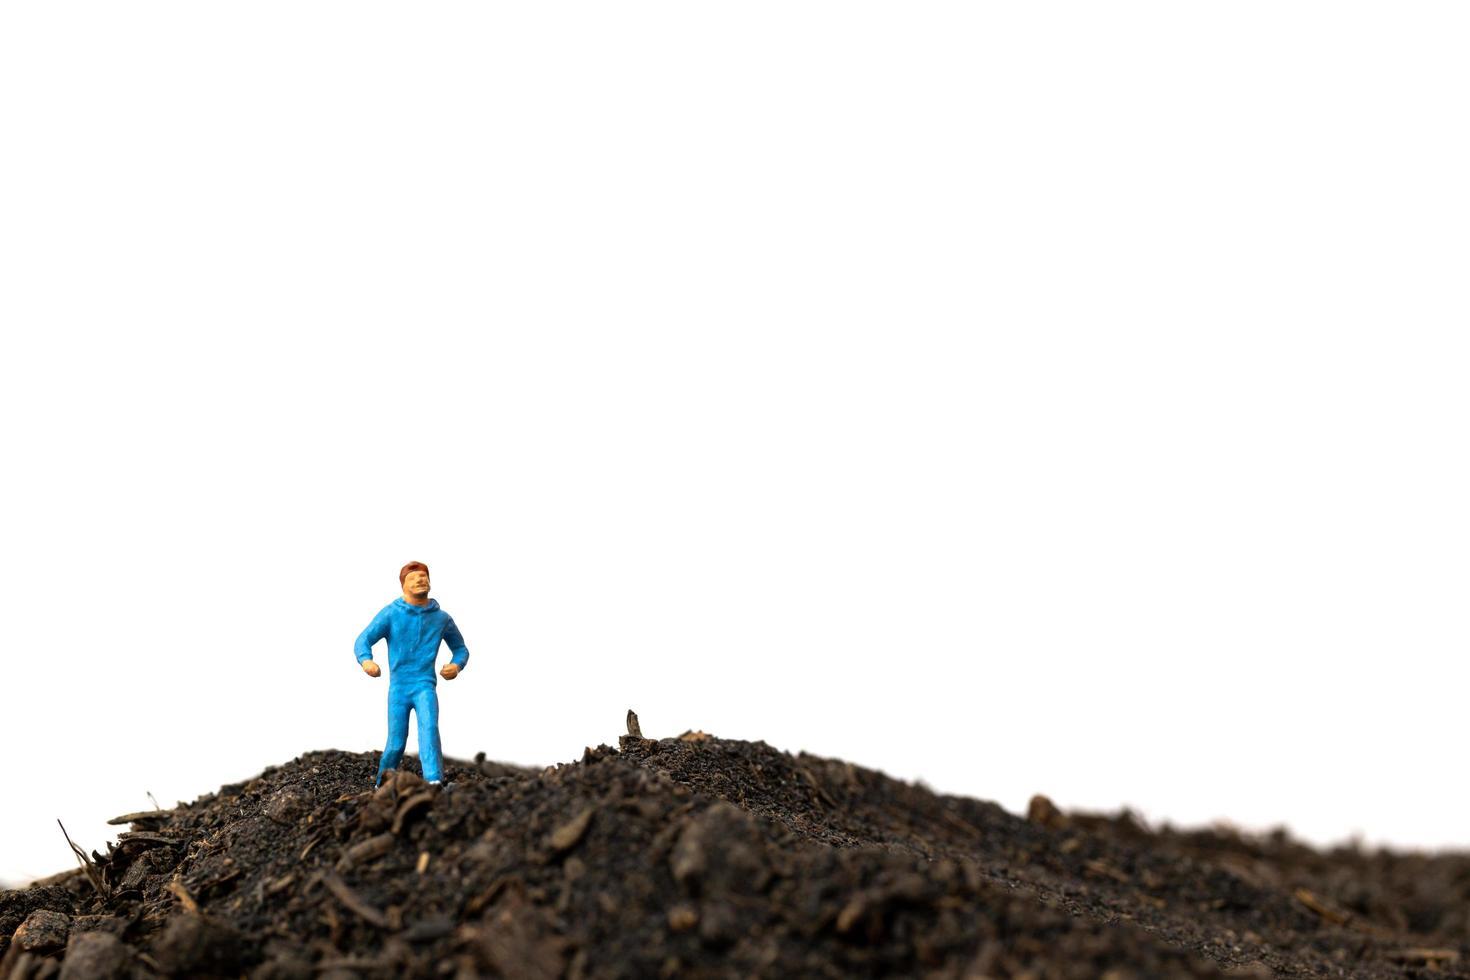 miniatuur man loopt op de grond geïsoleerd op een witte achtergrond, rennen voor gezondheid concept foto